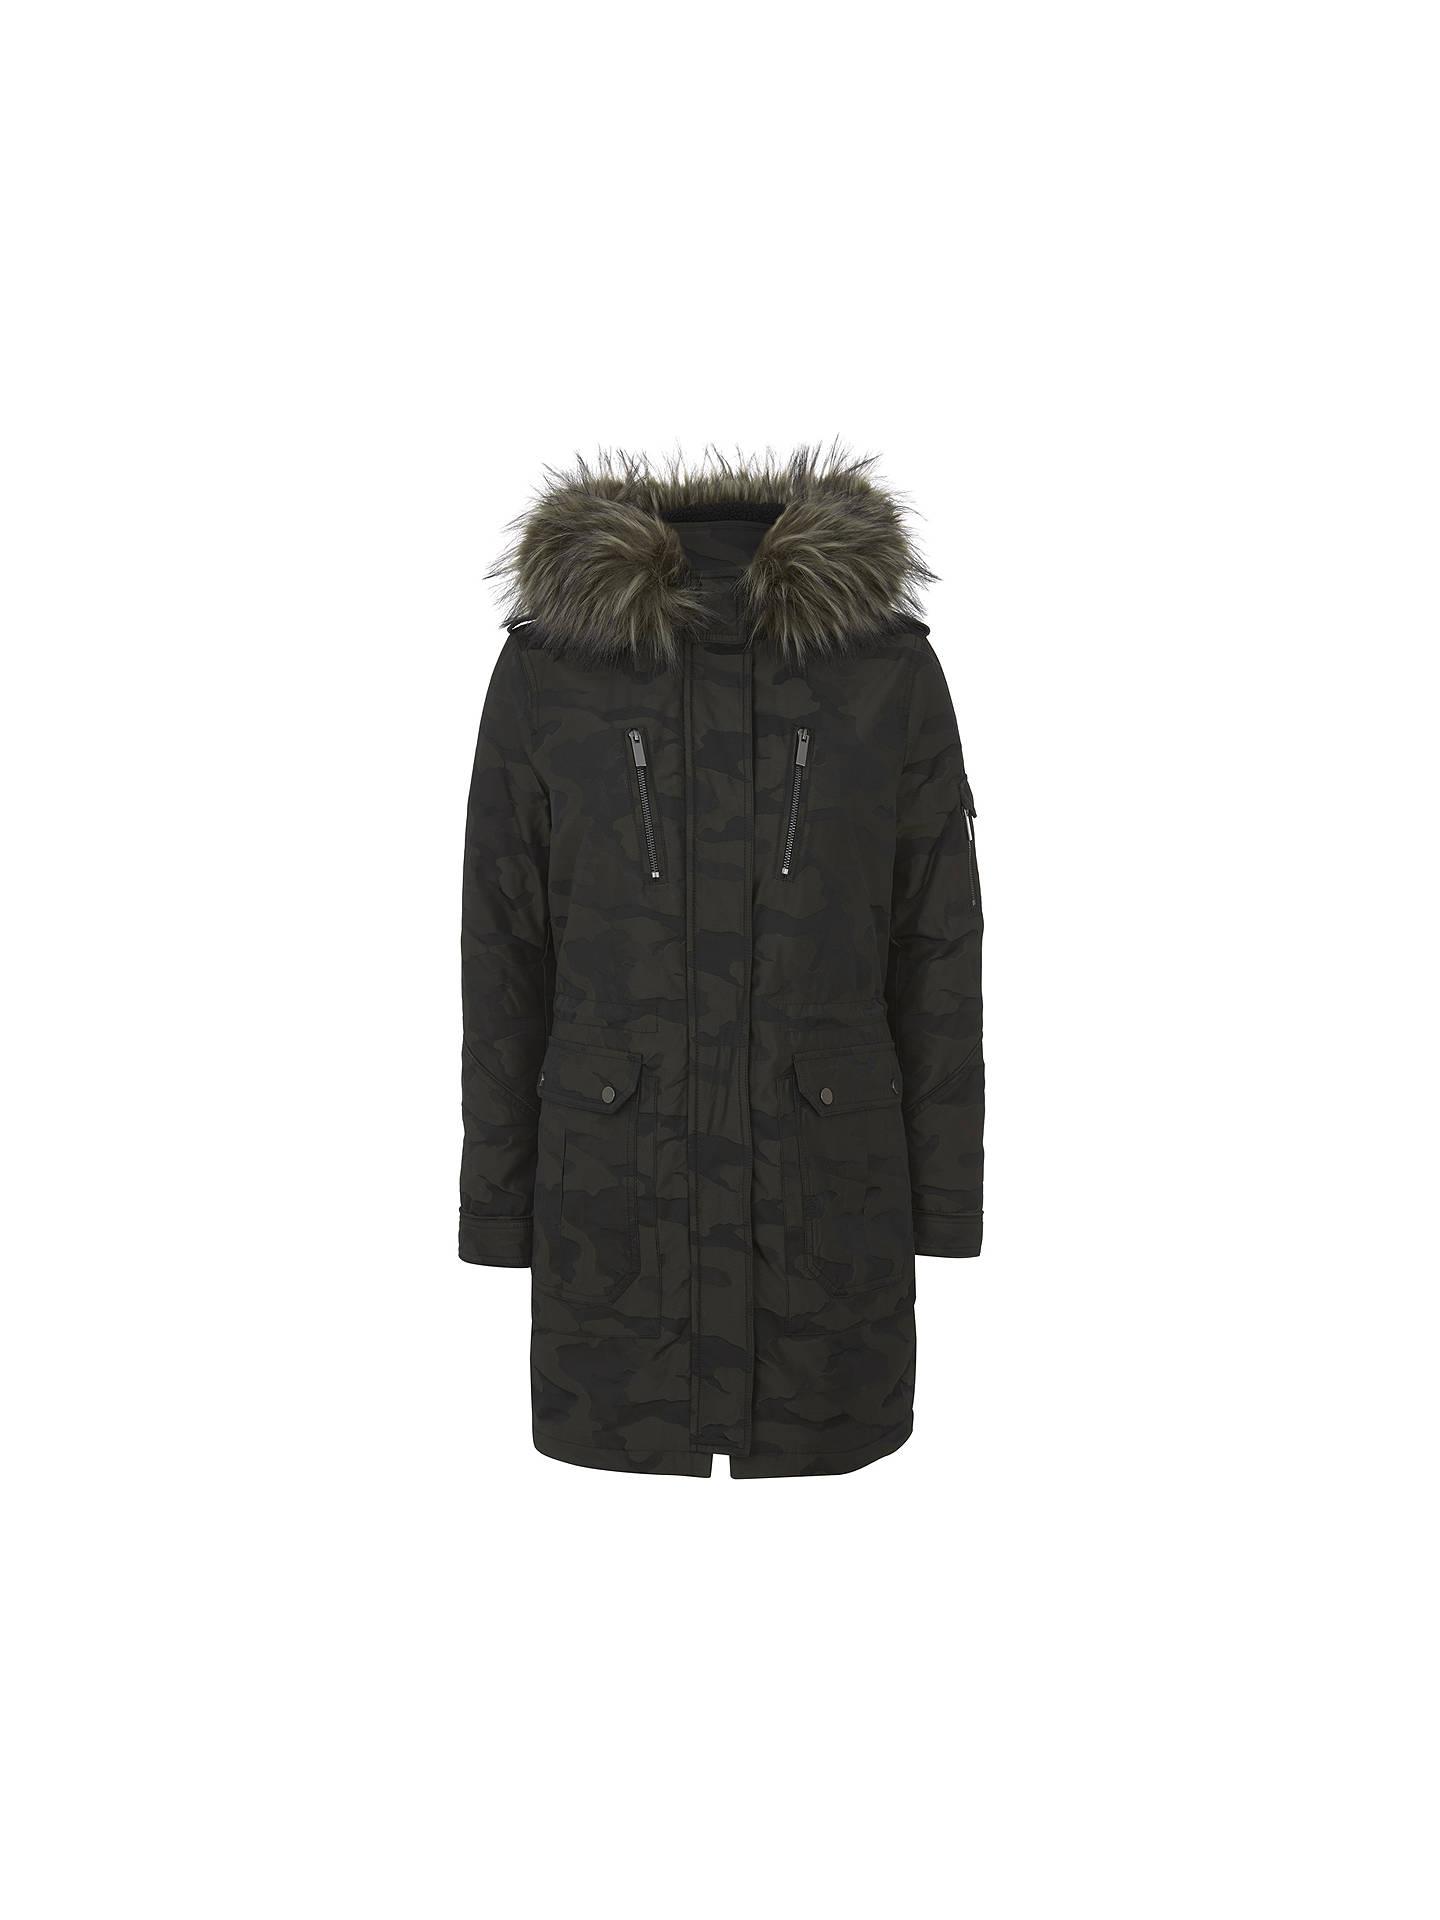 a1523676ef8c7 Buy Mint Velvet Camouflage Parka, Green, 6 Online at johnlewis.com ...